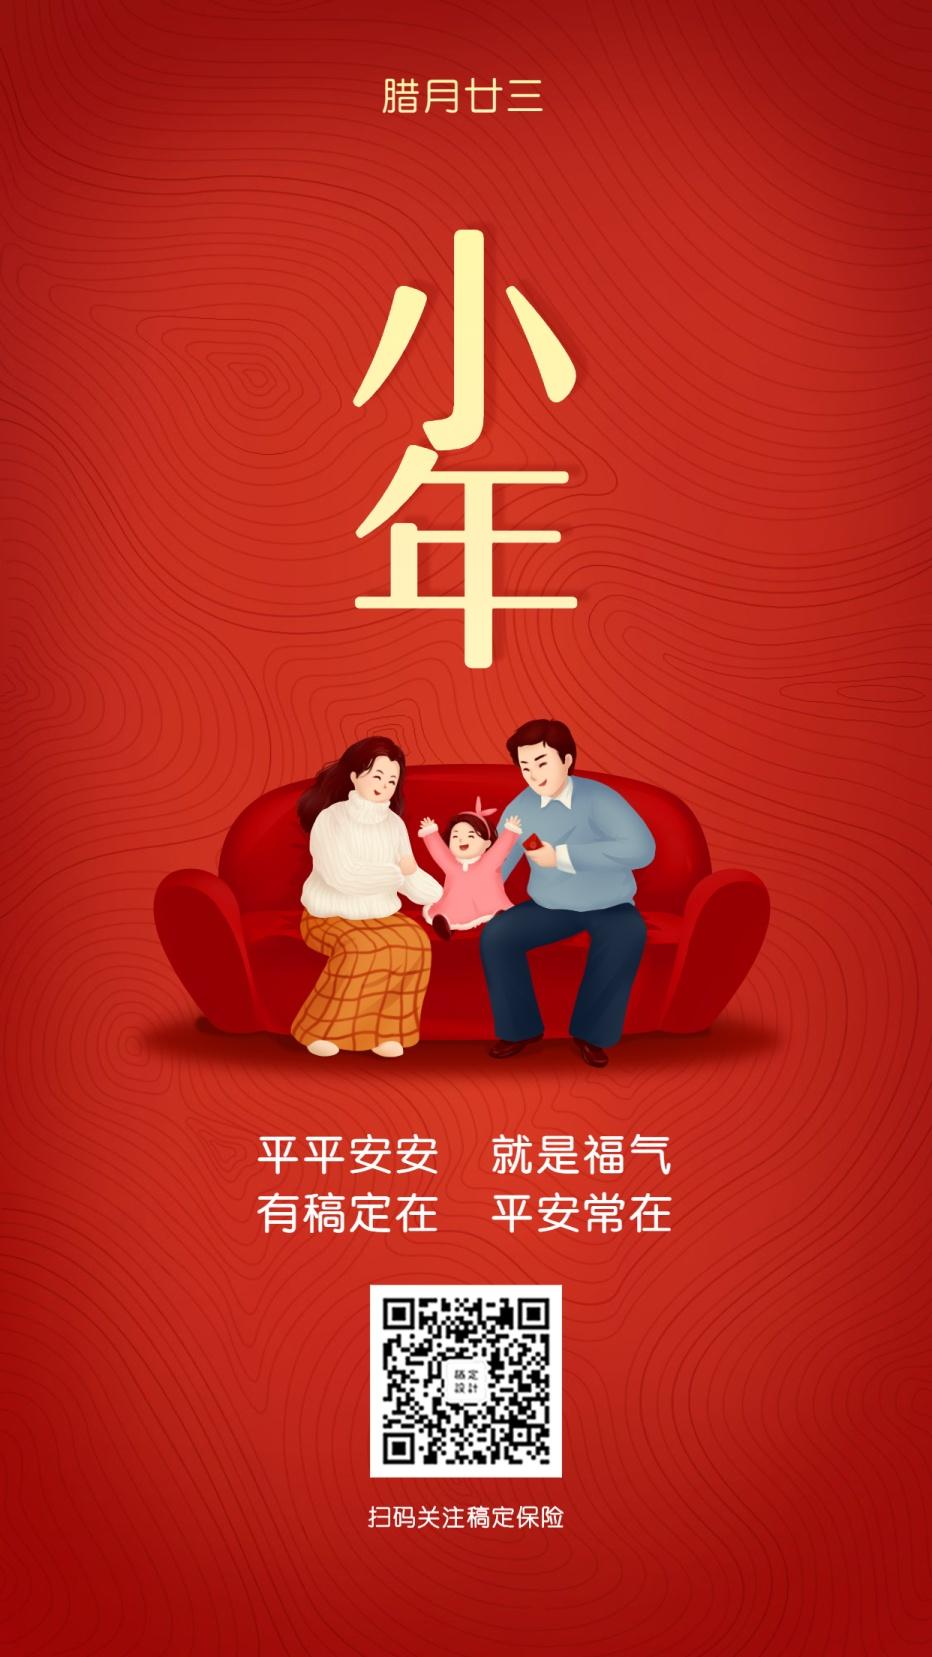 金融保险节气小年祝福手机海报